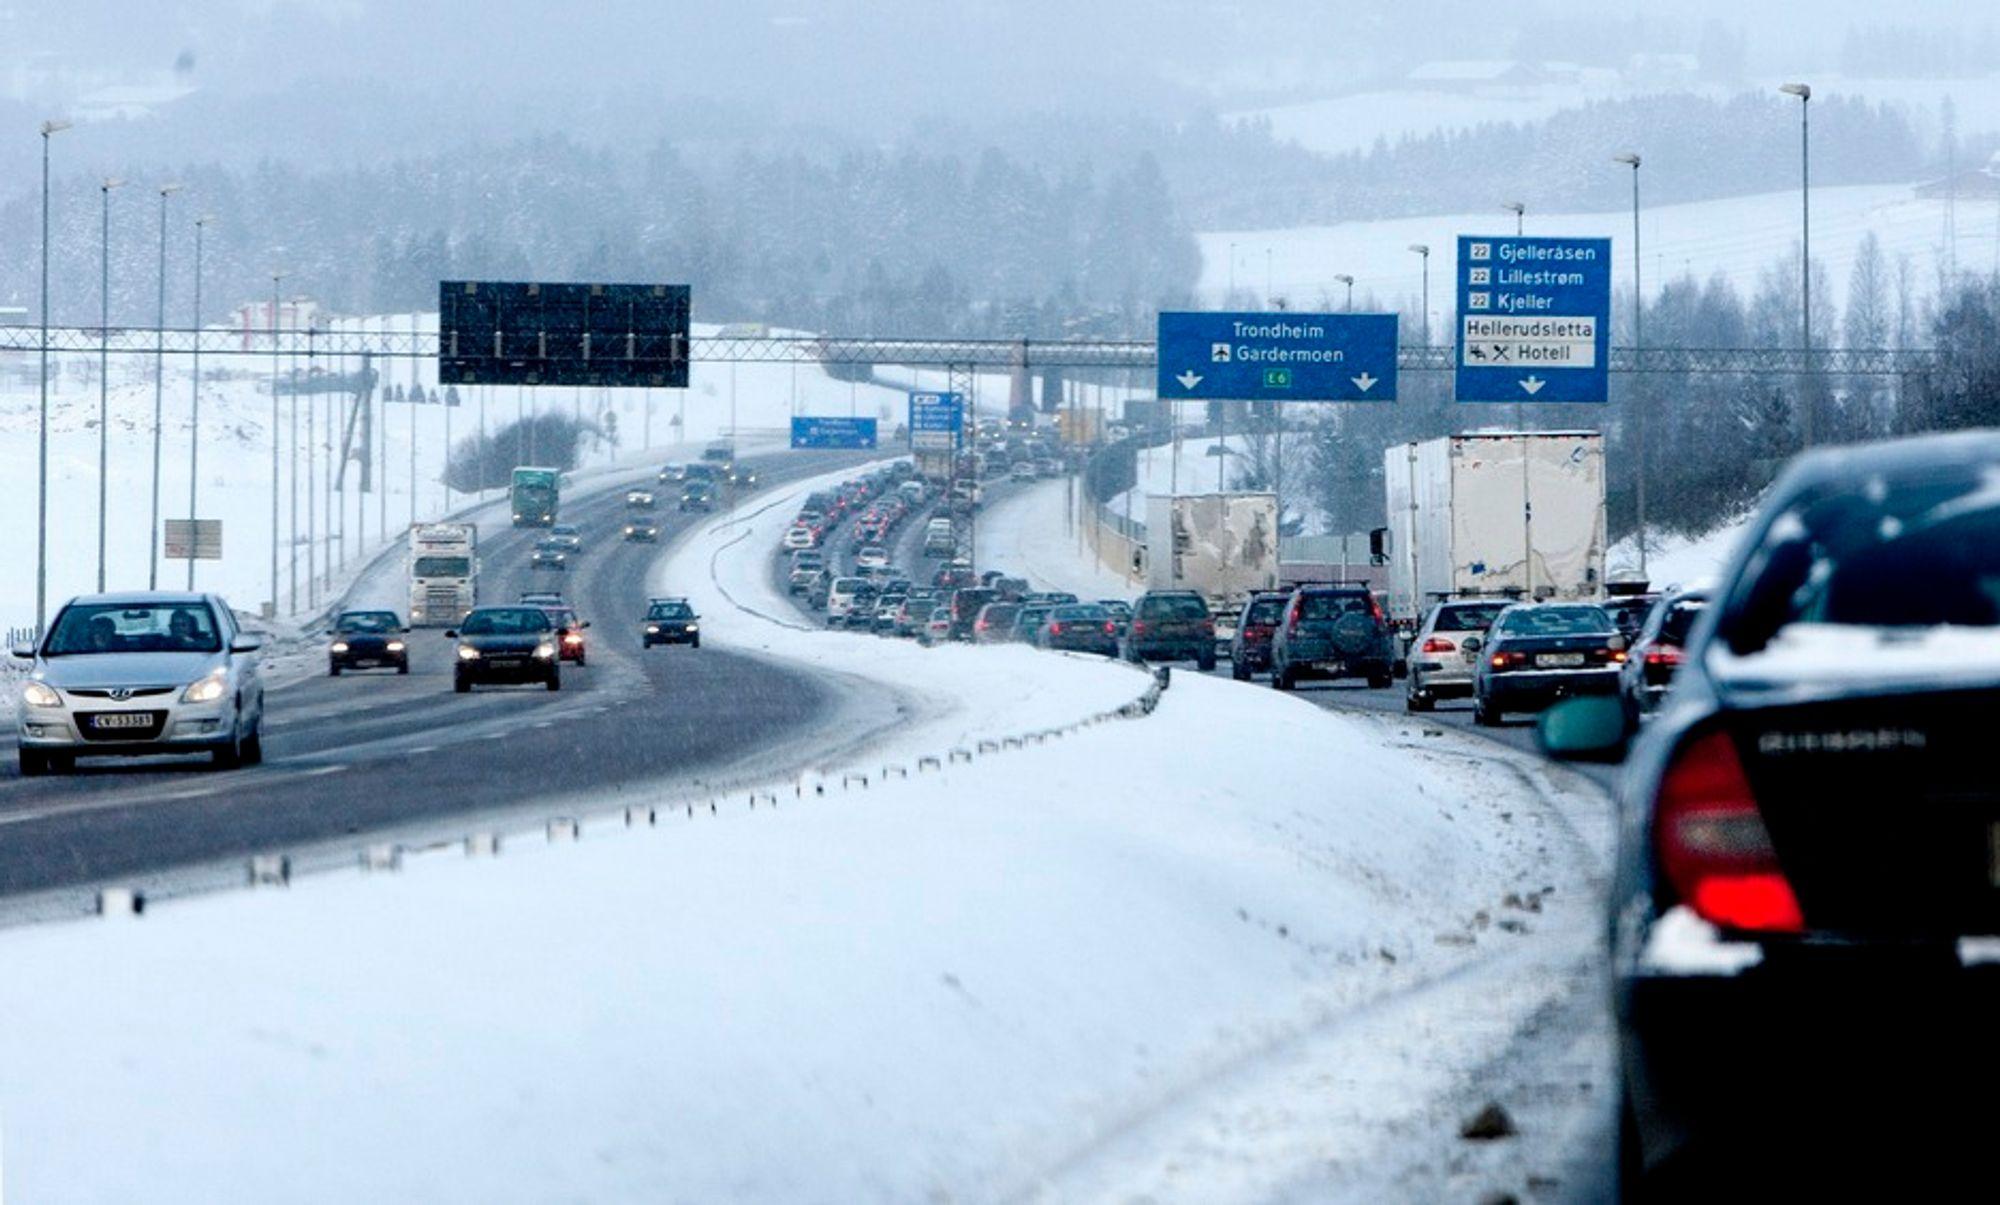 LAVERE TRAFIKKVEKST: Veitrafikken økte i fjor med 1,1 prosent i forhold til året før, men både i 2009 og 2010 har trafikkveksten vært lavere enn de foregående årene, ifølge Statens vegvesen.